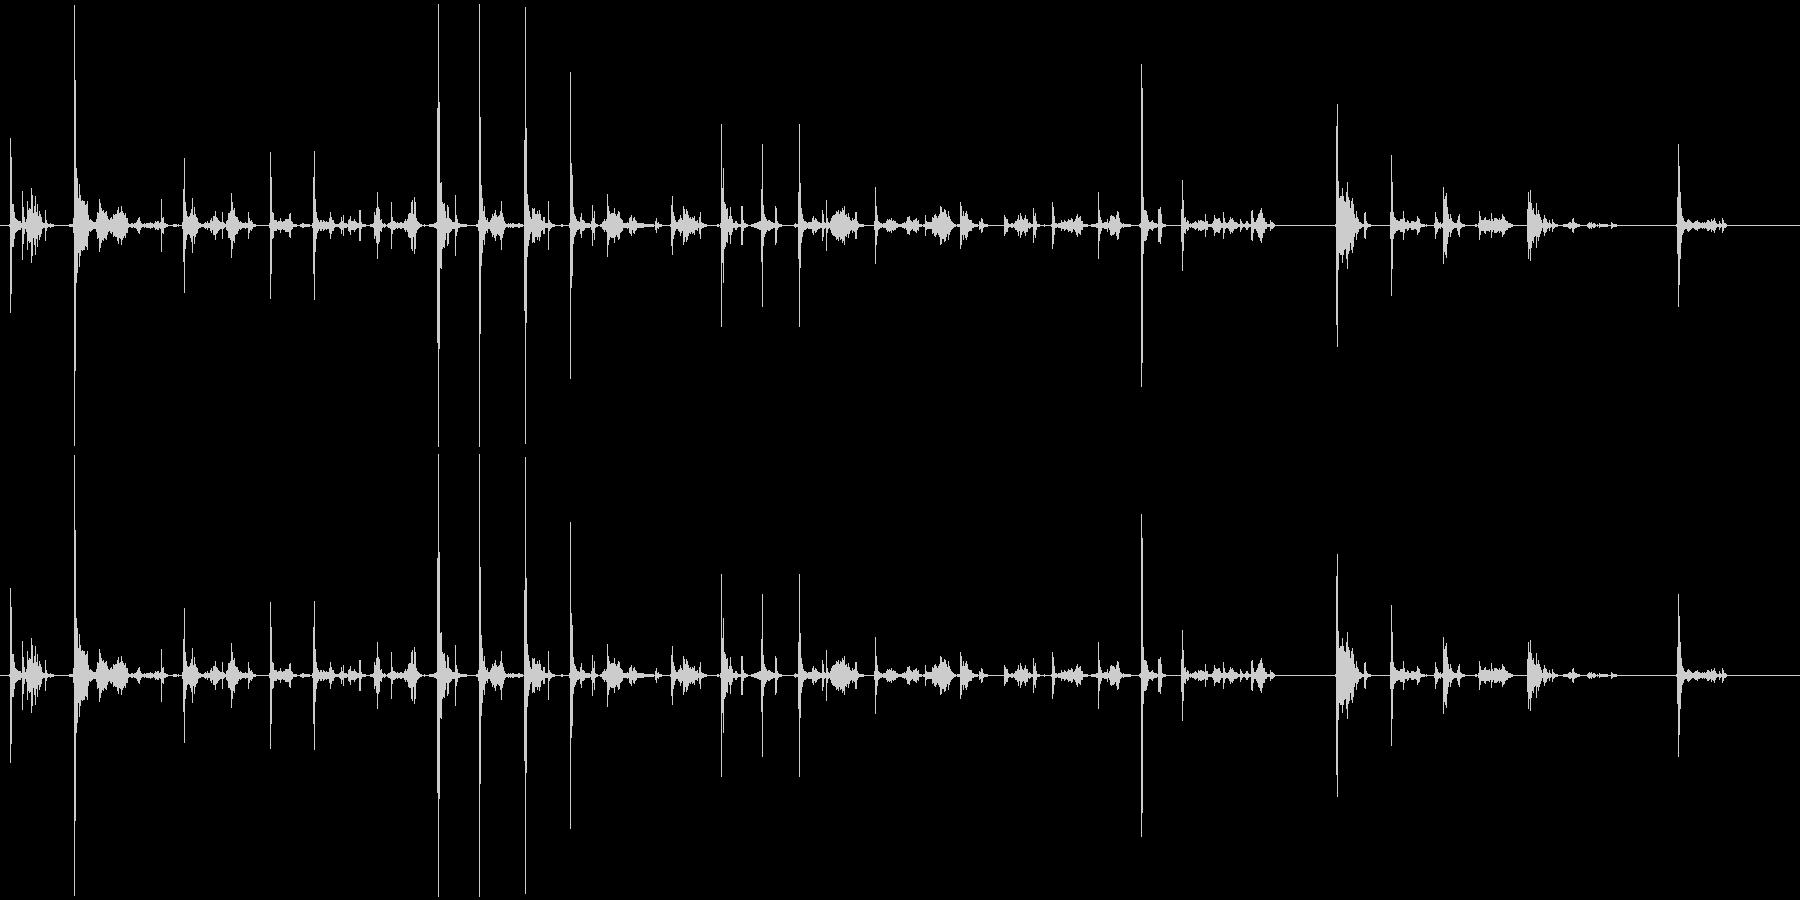 カーカー(ボールペンで書く音)Cの未再生の波形